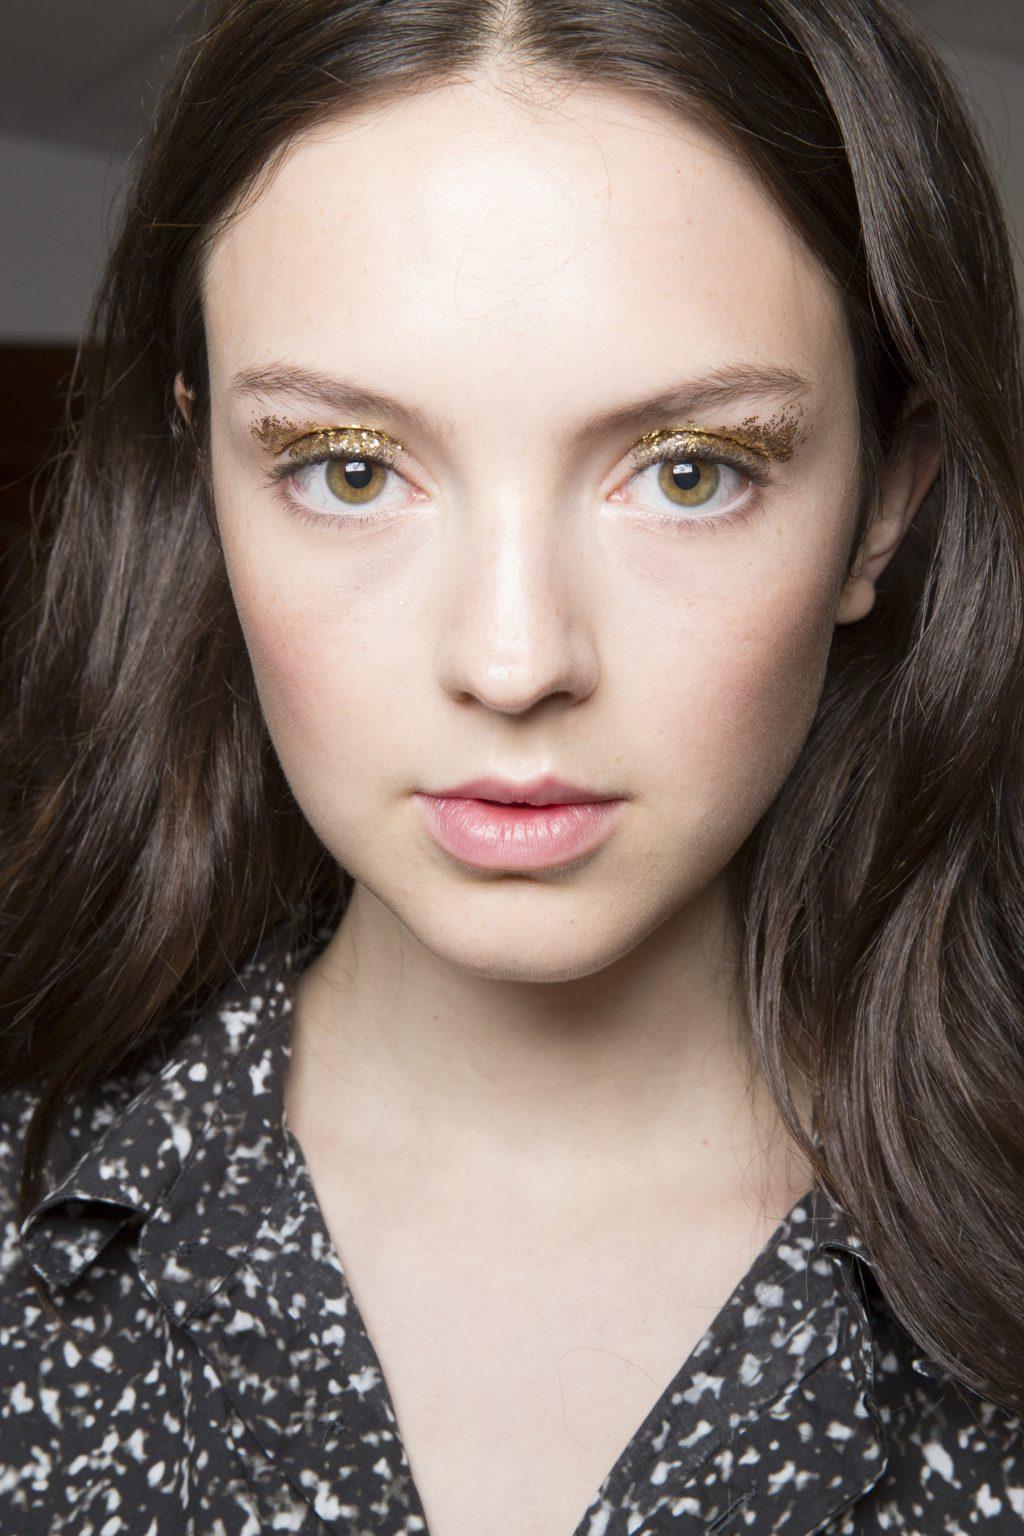 Học cách trang điểm mắt nhũ như người mẫu trong BST của thương hiệu Kate Spade (Xuân - Hè 2019).